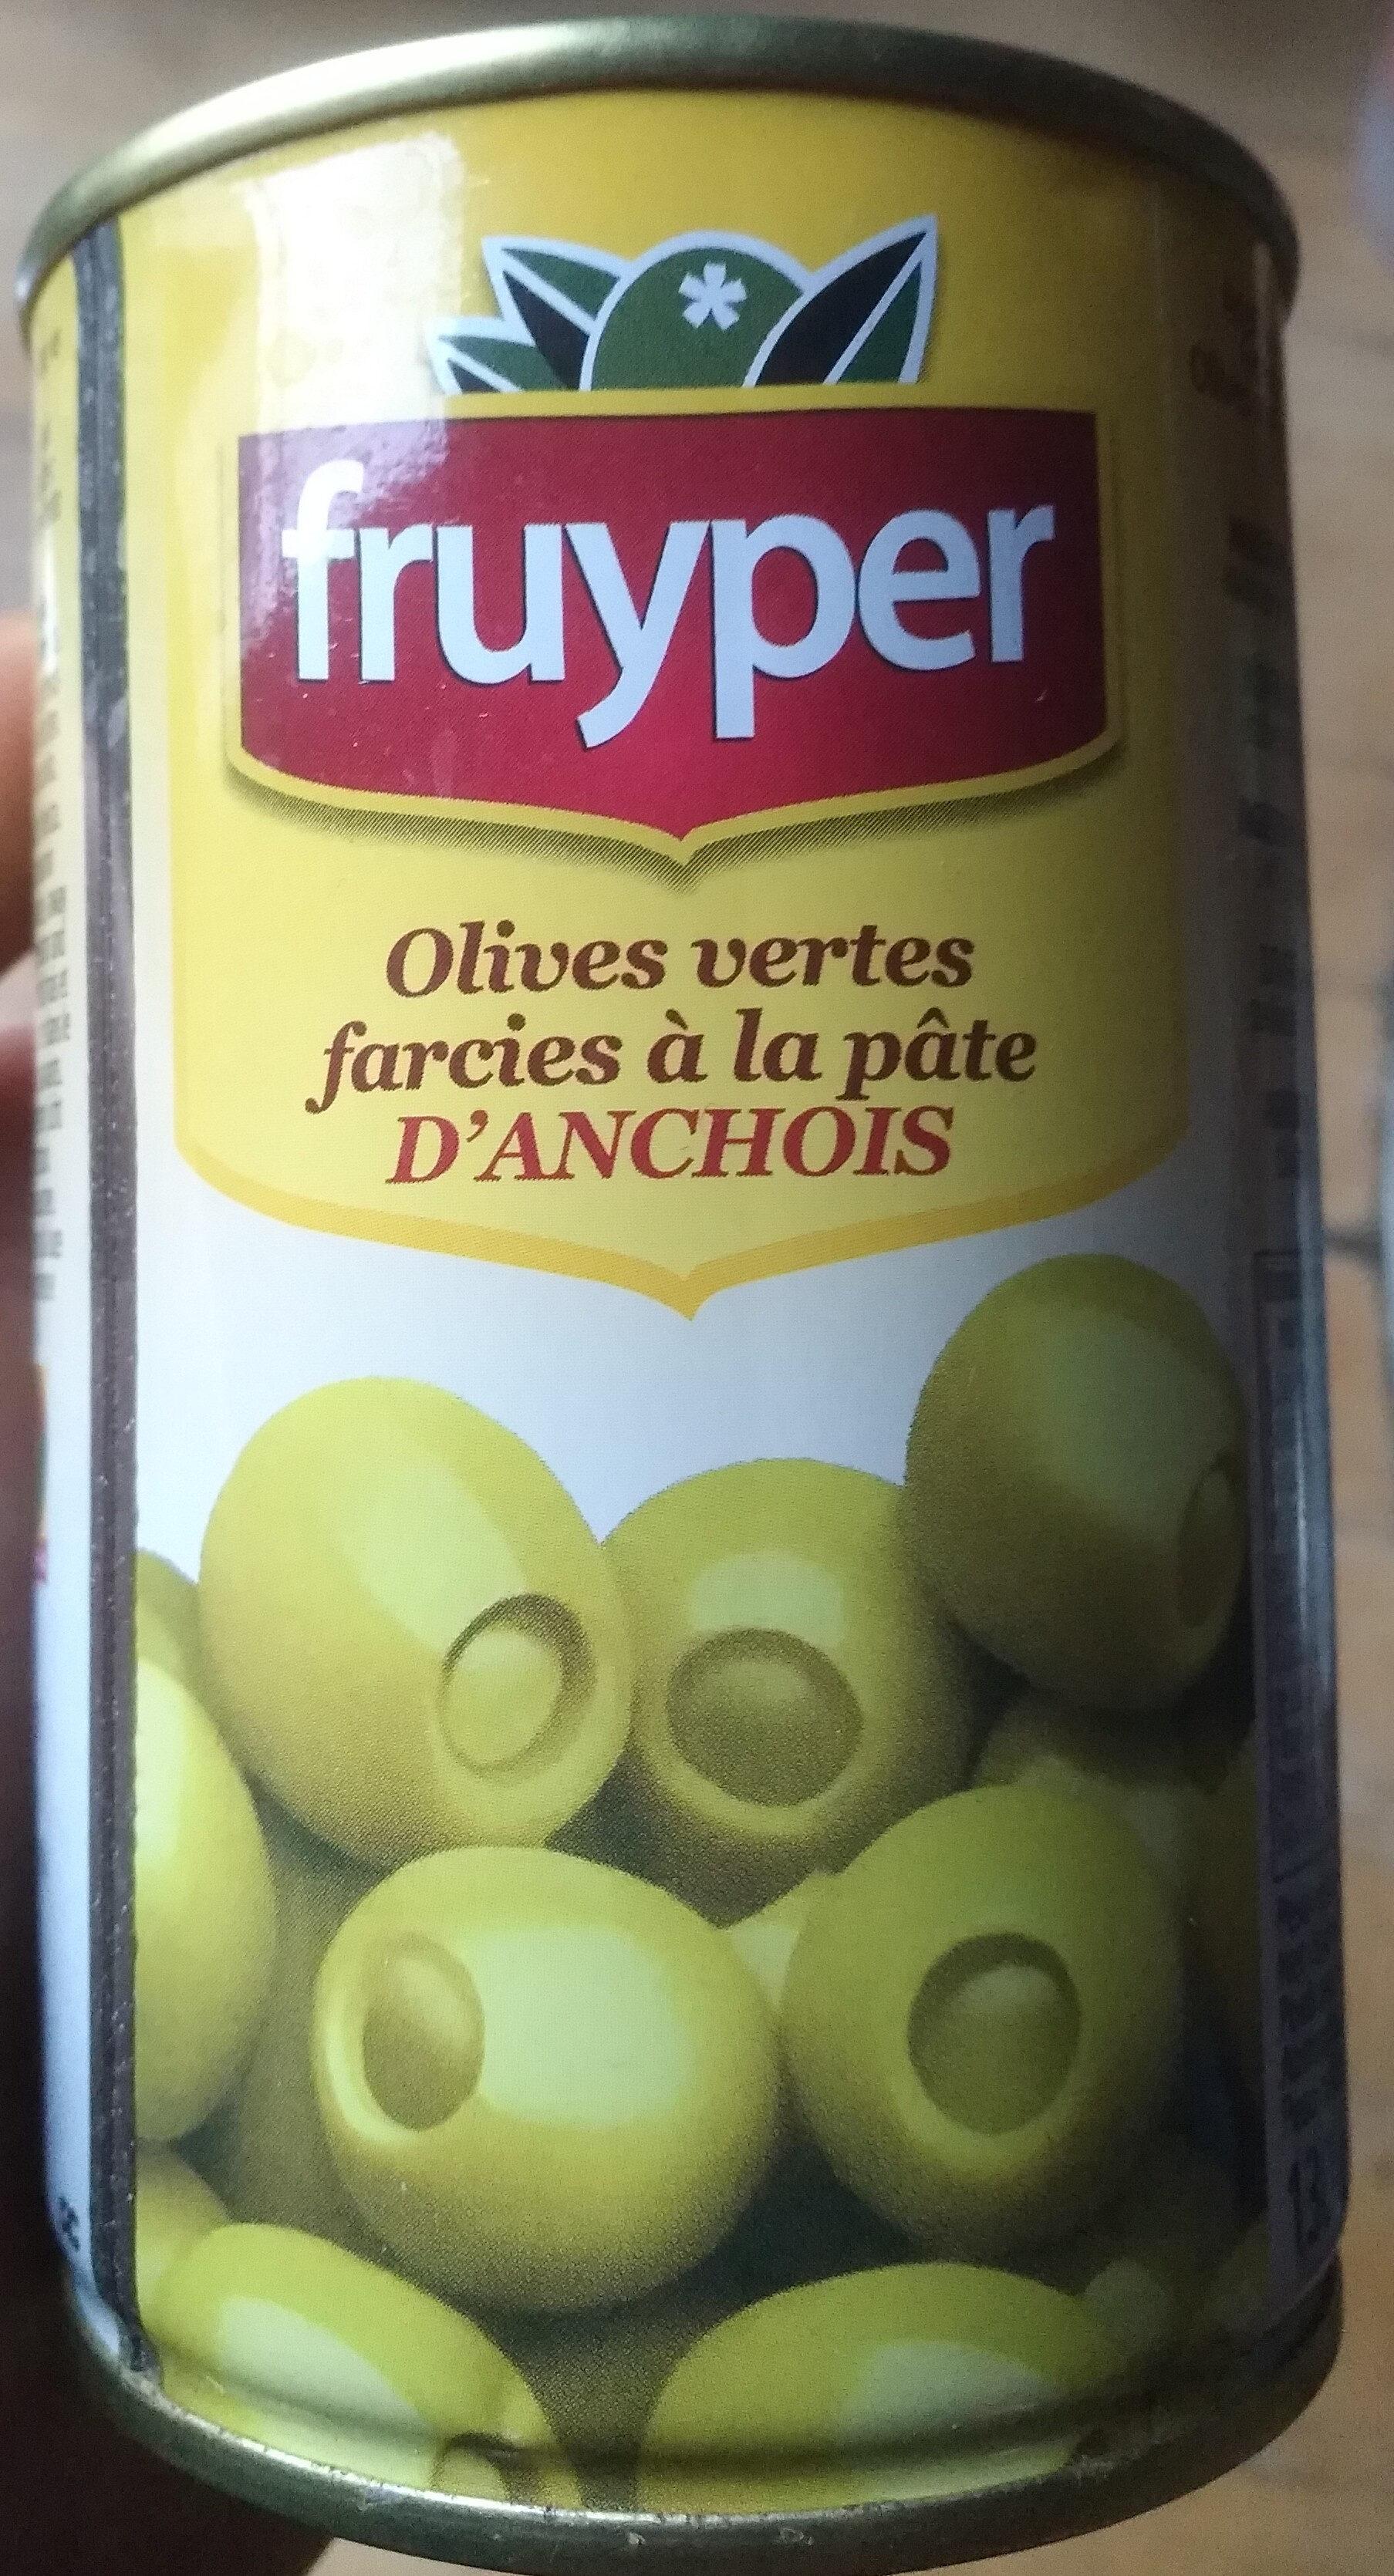 Olives vertes farcies à la pâte d'anchois - Product - fr